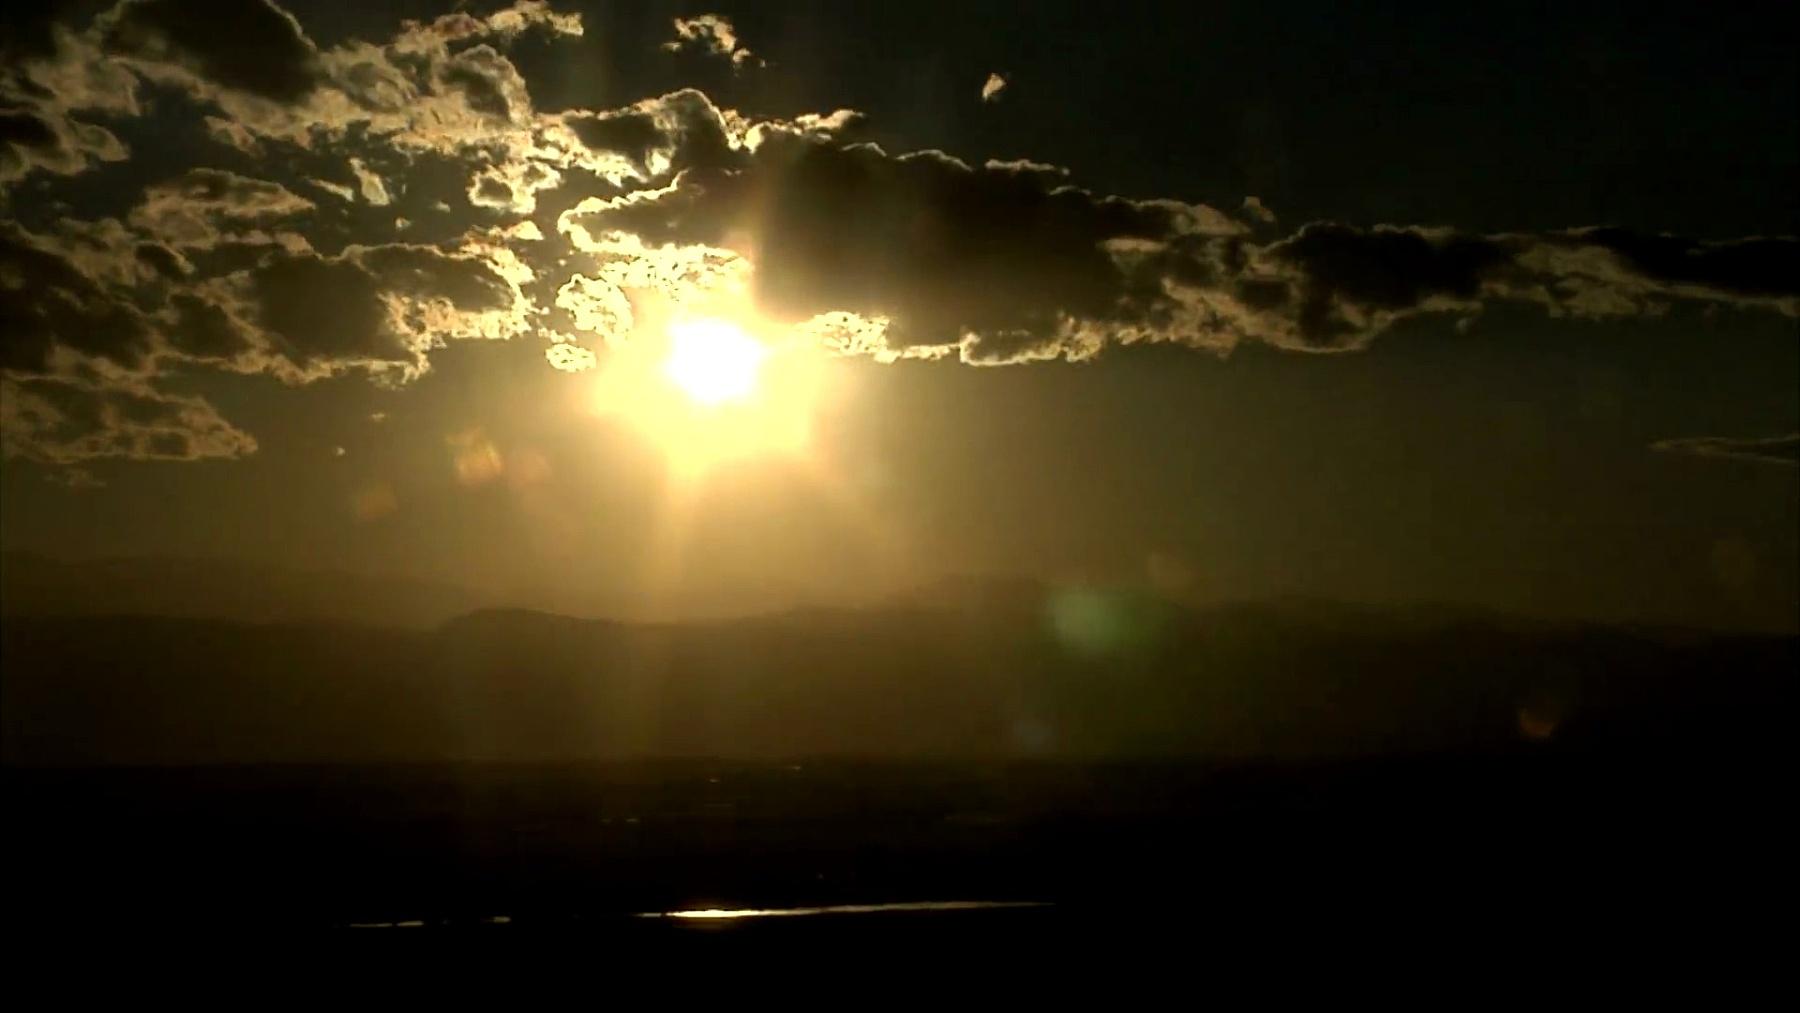 山脉后面壮丽的日落